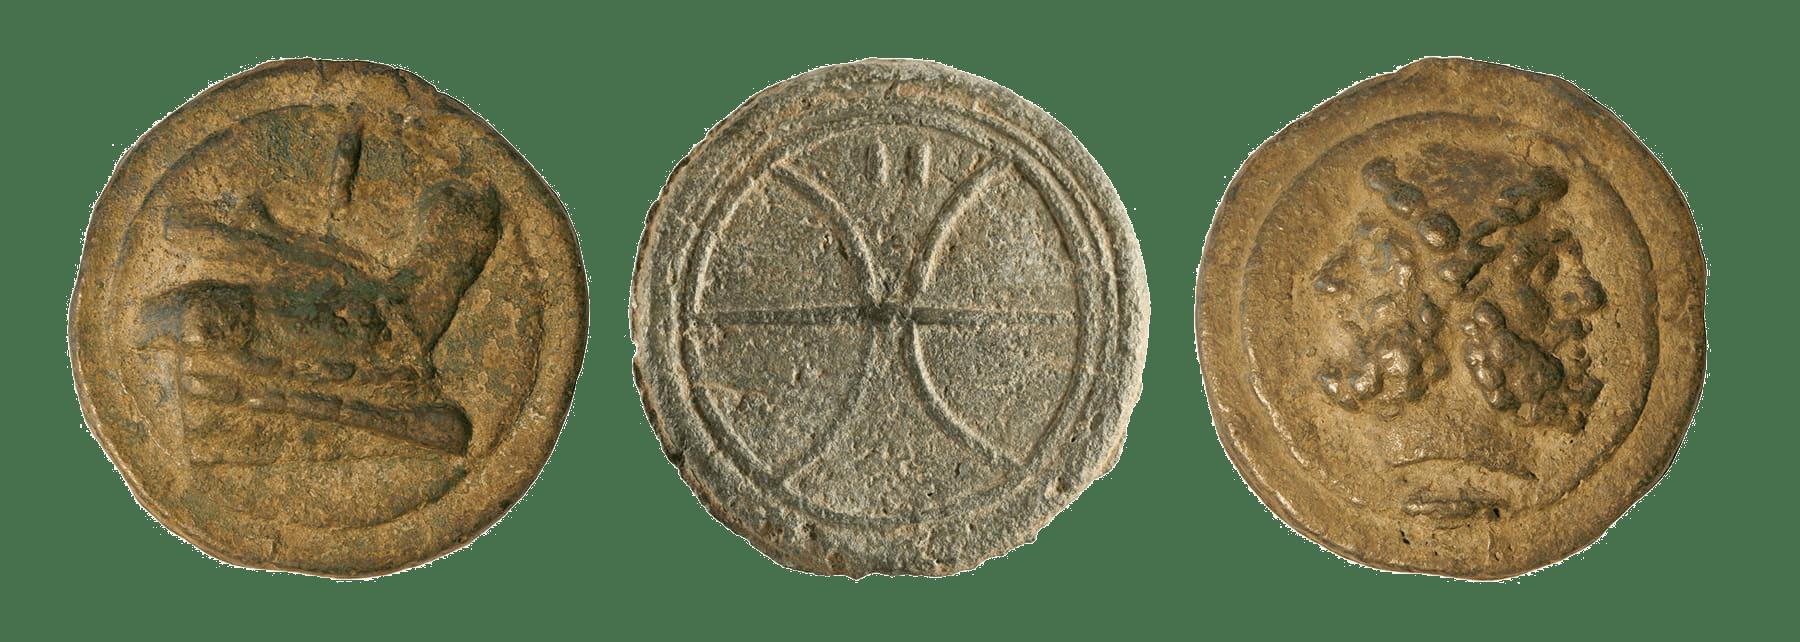 Monete Etrusche: museo MAEC